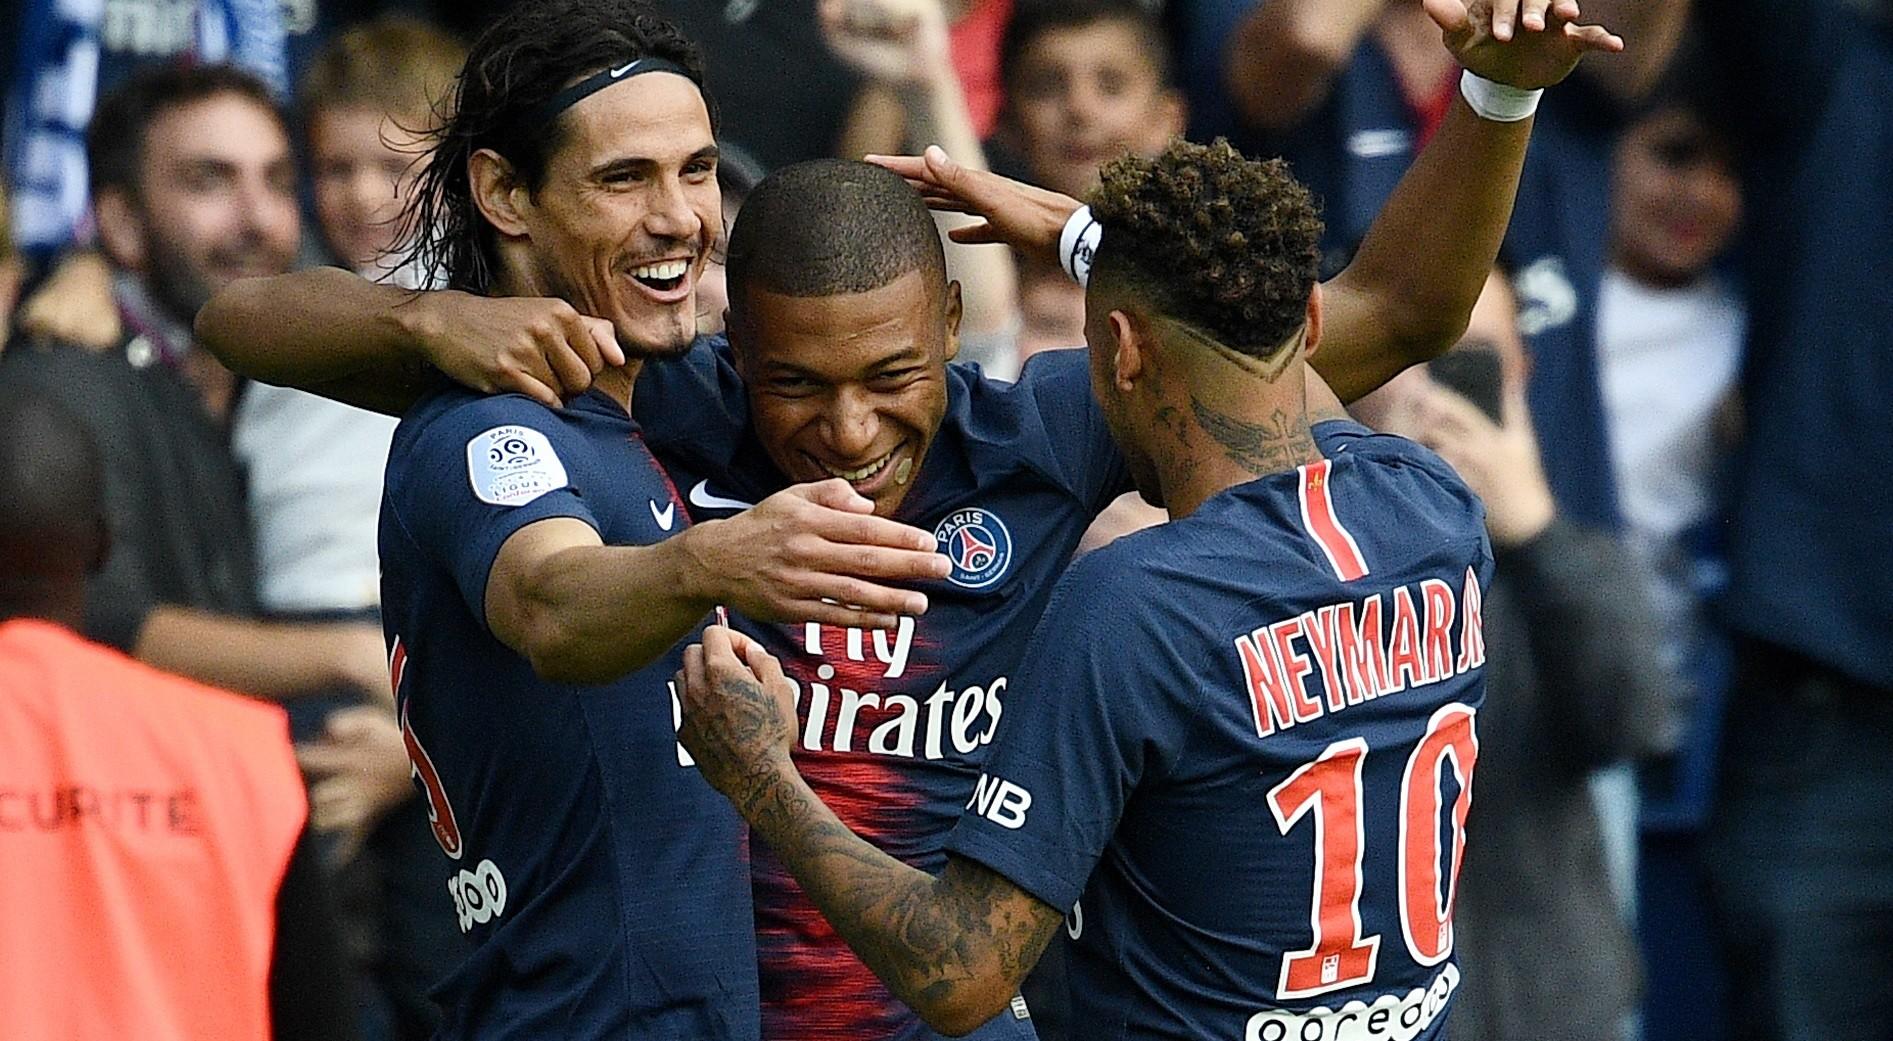 Tuyển tập 26 bàn thắng tại vòng 9 Ligue 1 2018/19